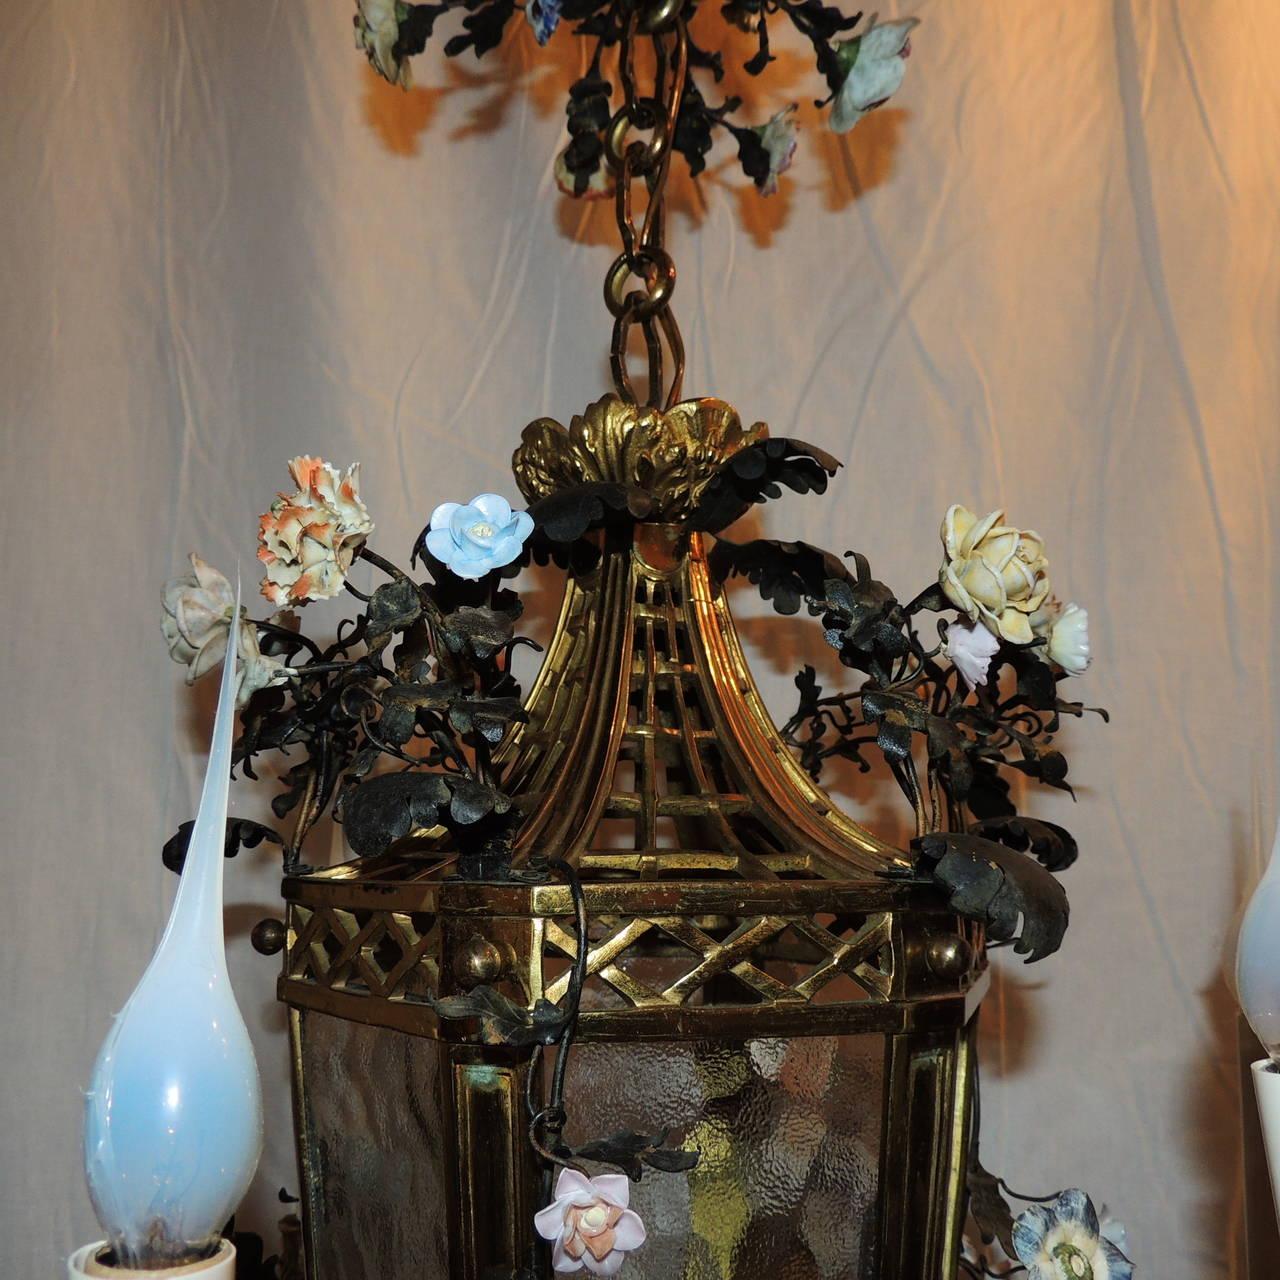 Belle Époque Wonderful French Dore Bronze Five-Light Lantern Chandelier Porcelain Flowers For Sale